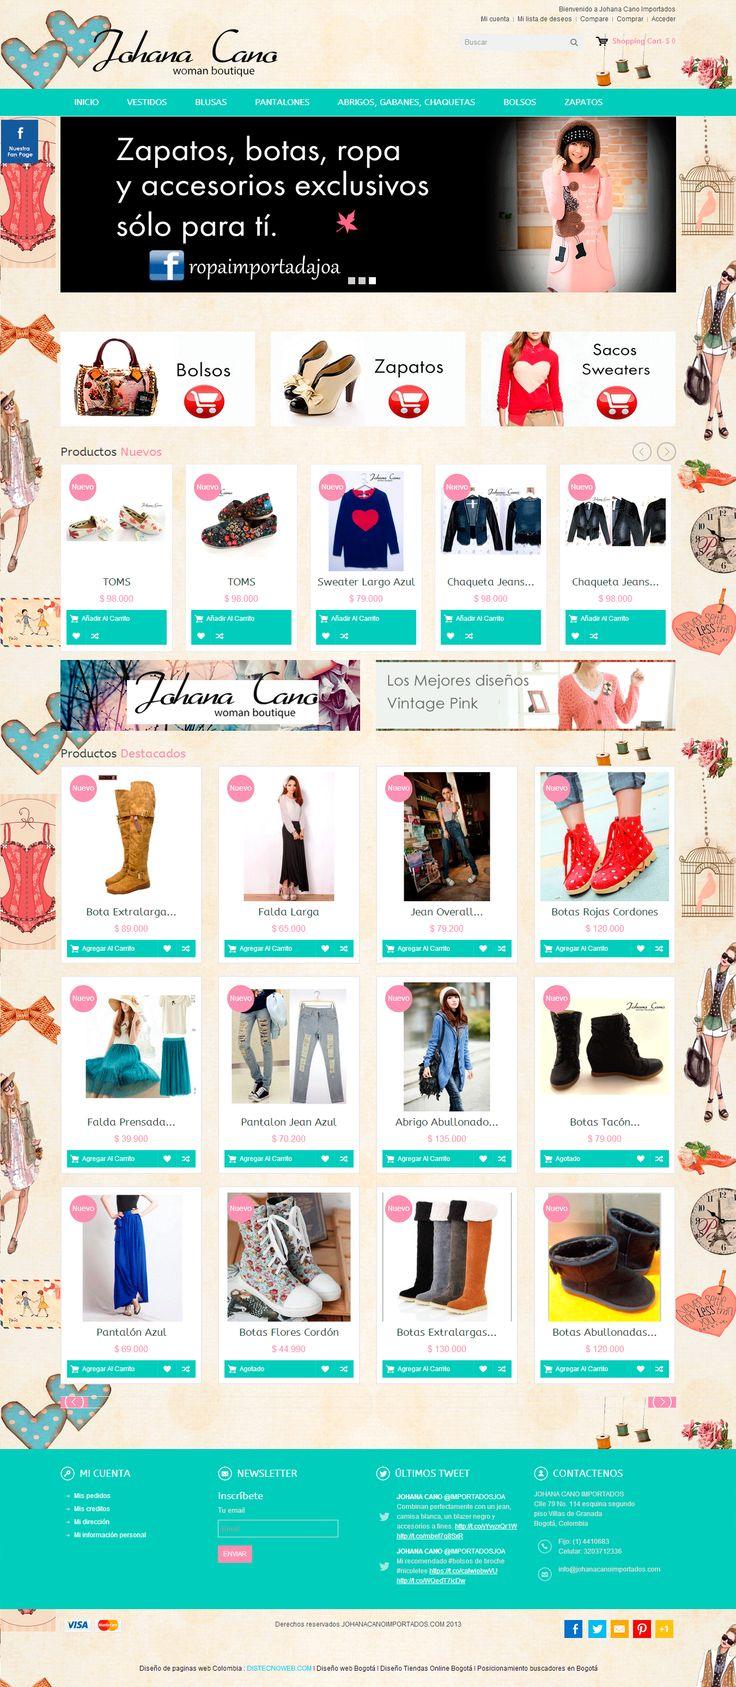 Diseño tienda online ropa y accesorios para mujeres http://www.distecnoweb.com/johanacano-importados-tienda-online-bogota.html